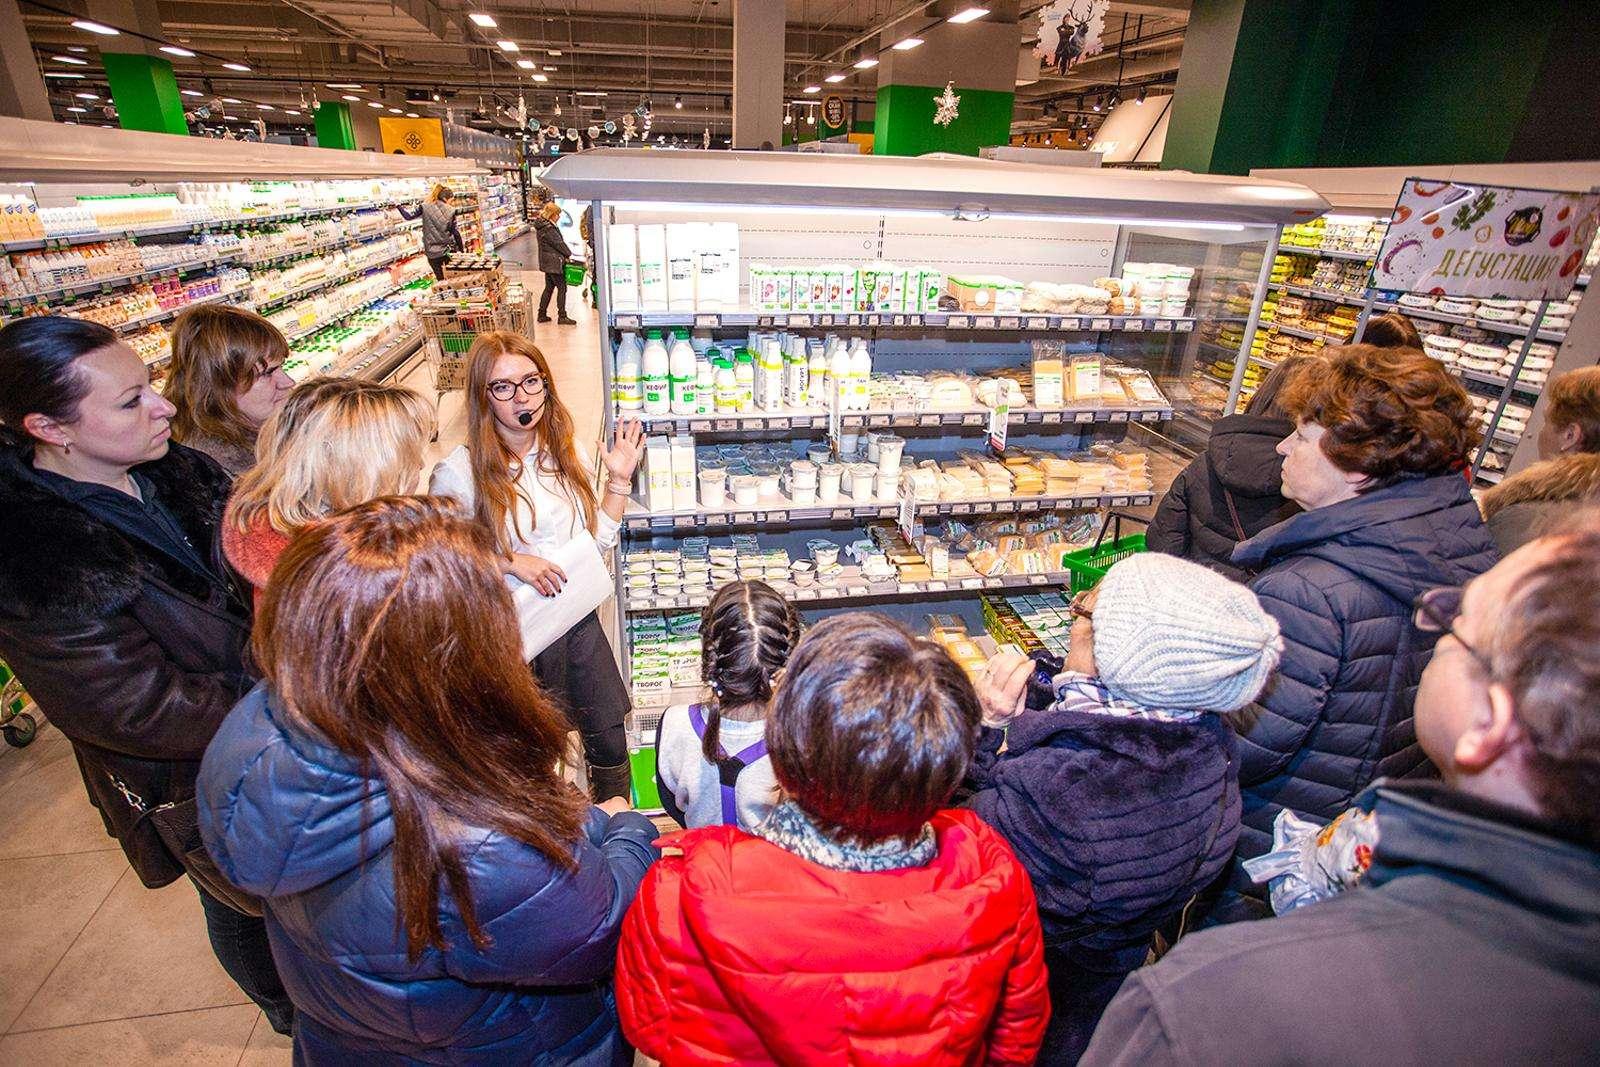 Курс на ЗОЖ: 5 вредных мифов о правильном питании, которые мы развеяли благодаря супермаркету «Перекрёсток»